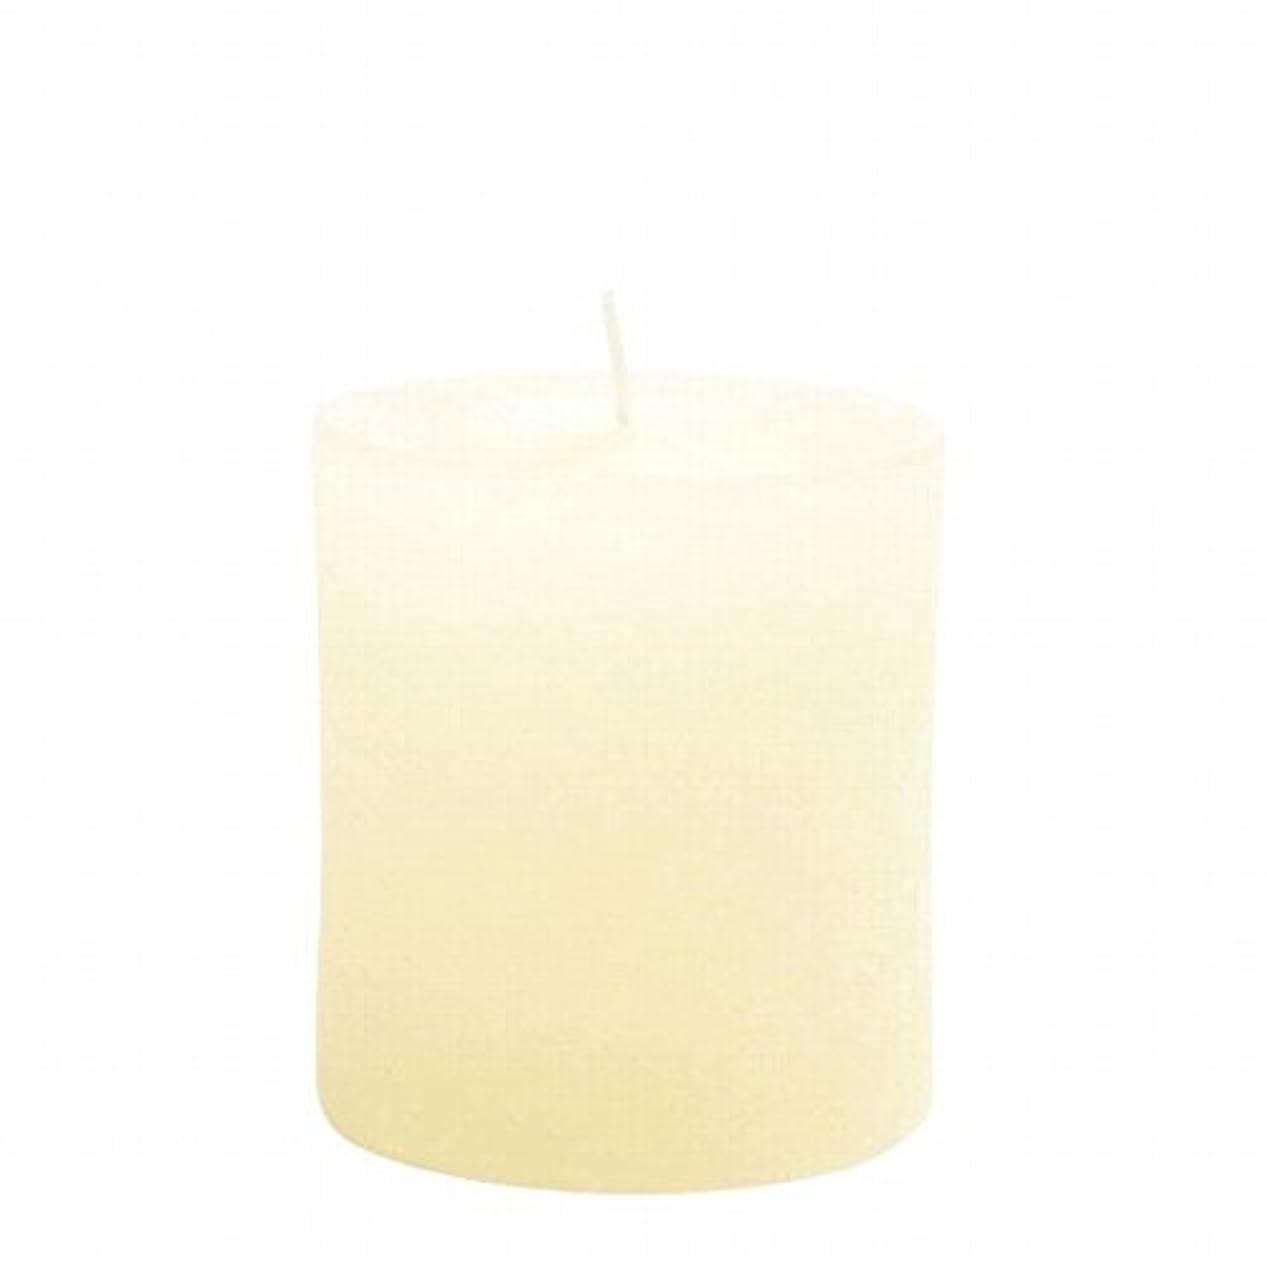 前提条件減少ピグマリオンカメヤマキャンドル( kameyama candle ) ラスティクピラー70×75 「 アイボリー 」